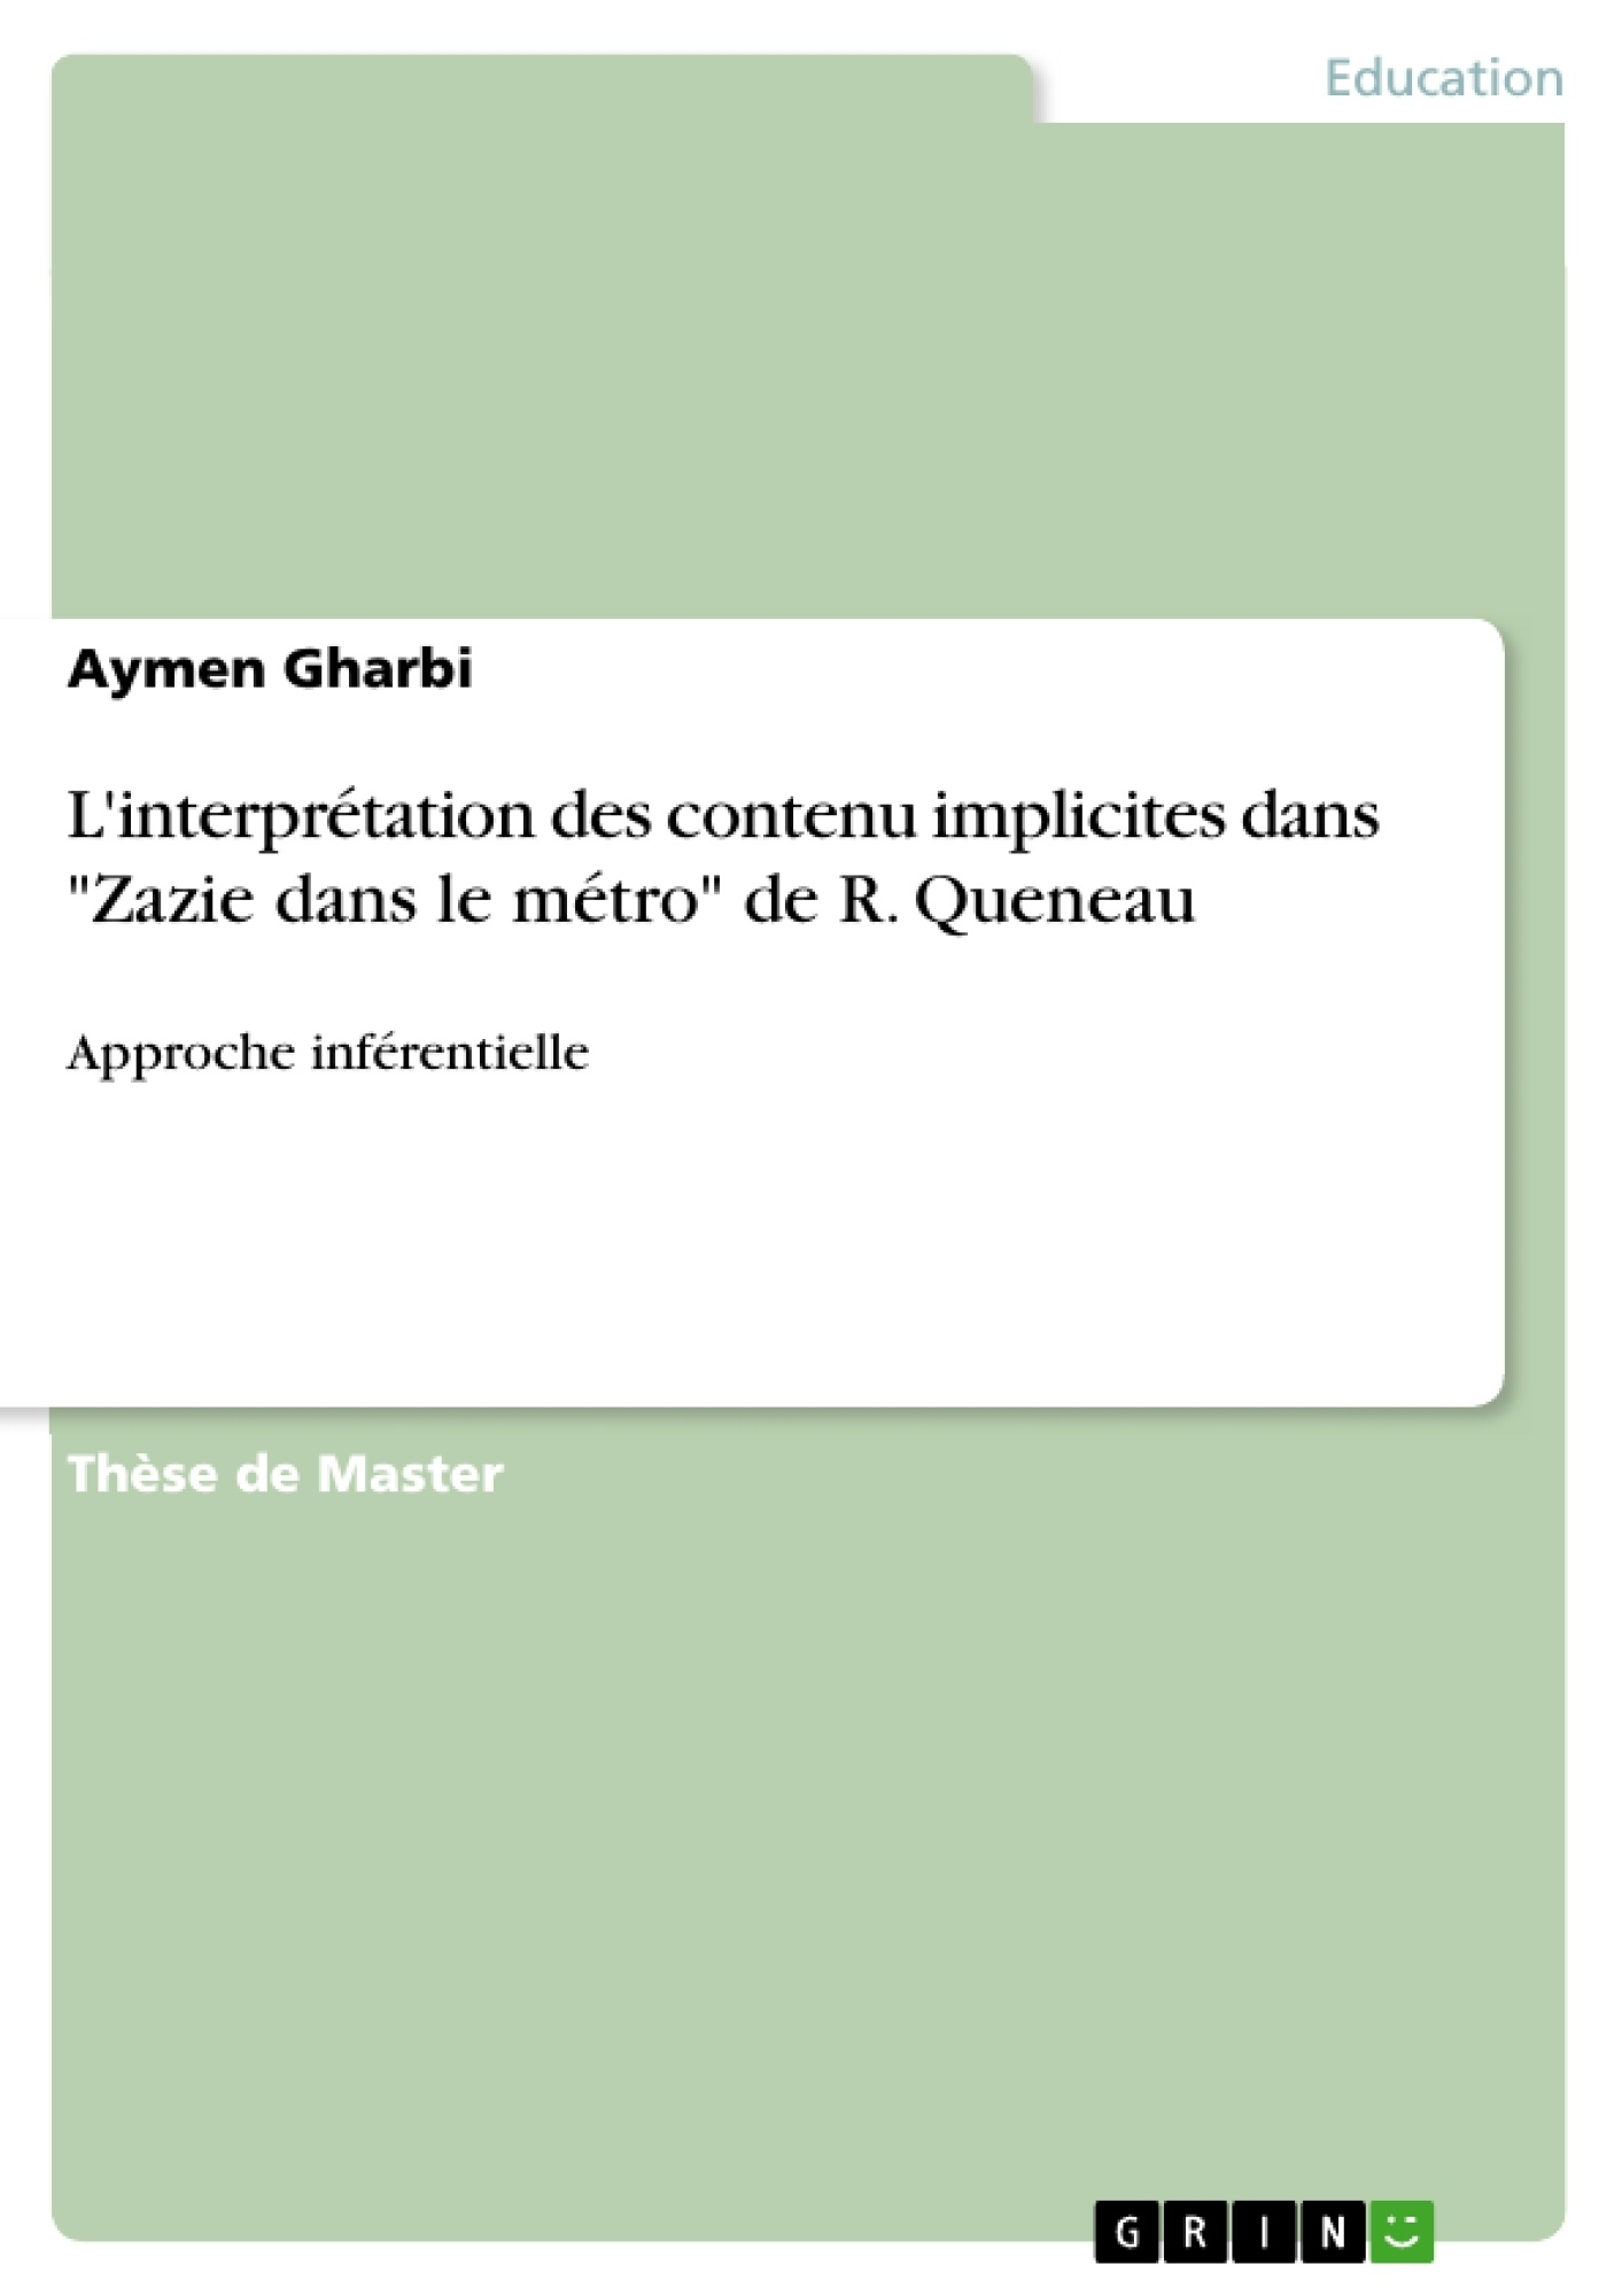 """Titre: L'interprétation des contenu implicites dans """"Zazie dans le métro"""" de R. Queneau"""